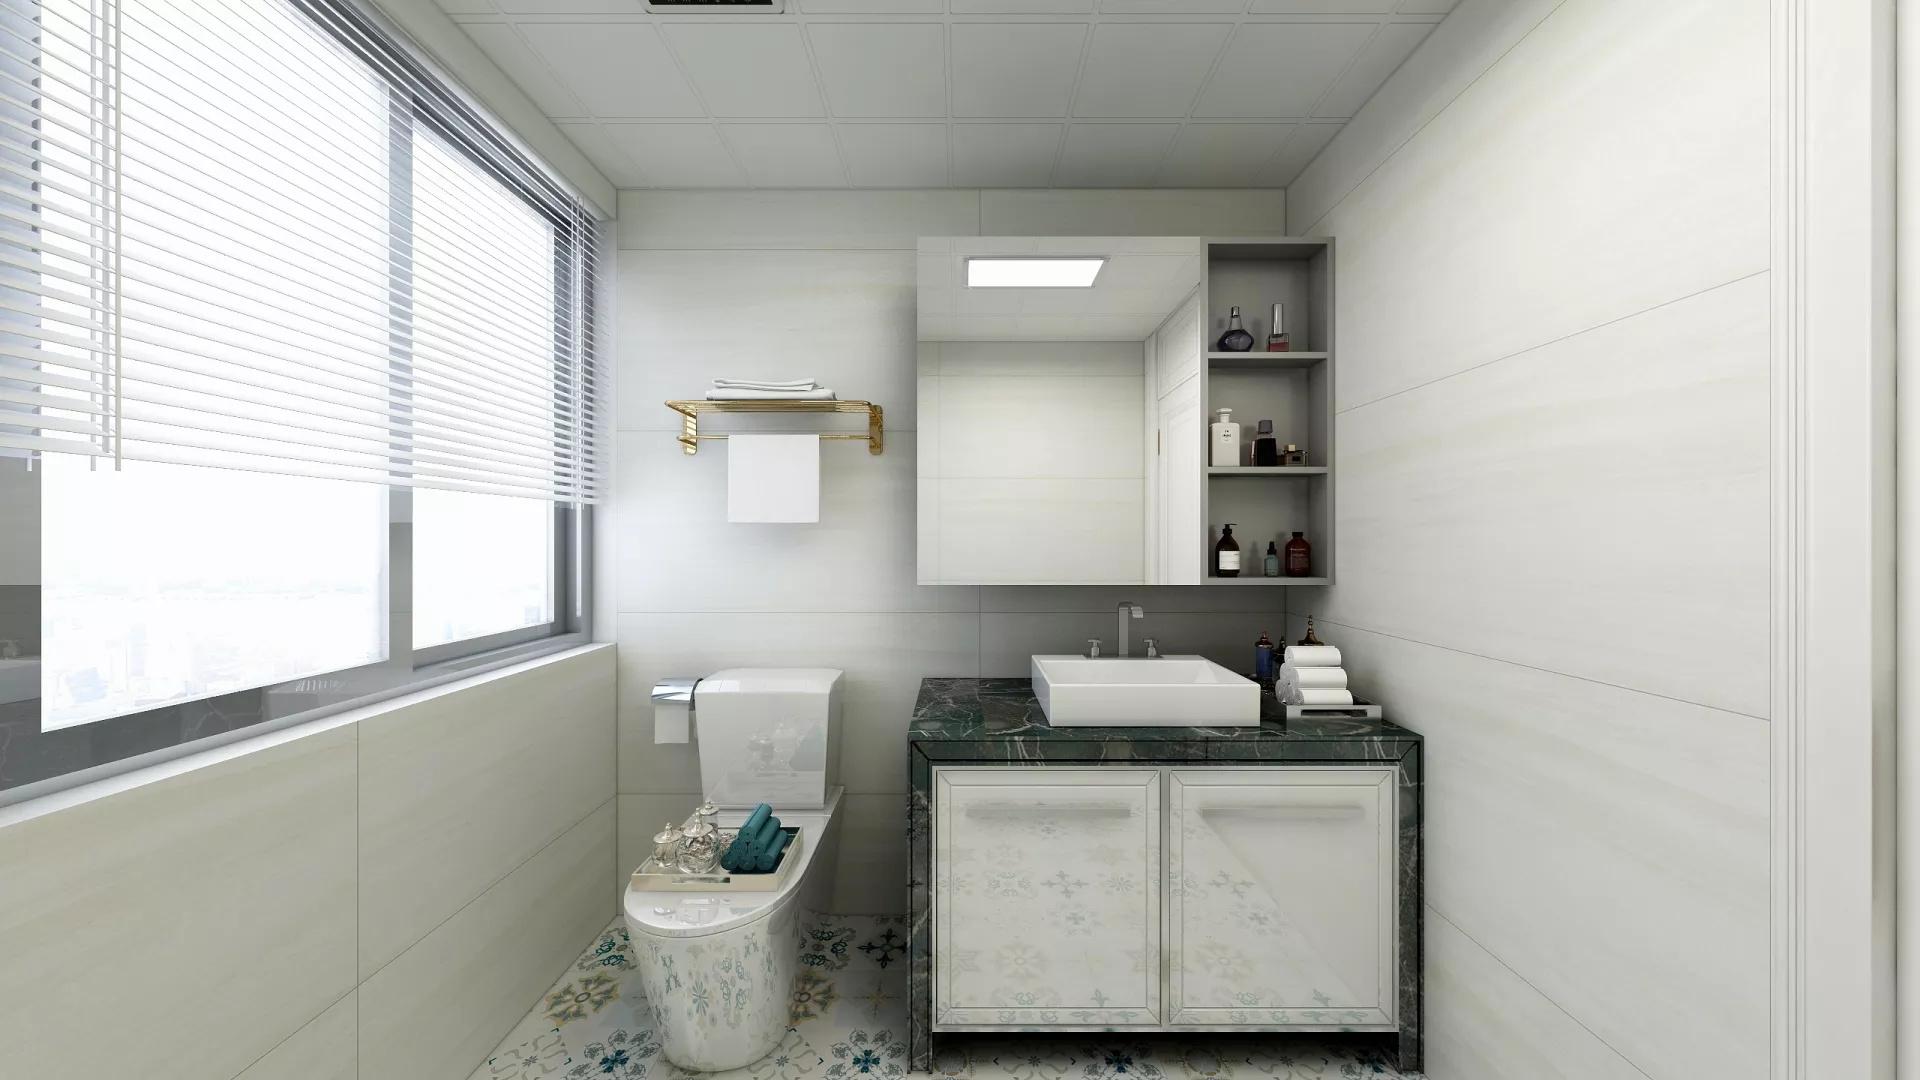 日式浴室怎么装修 日式家庭浴室装修效果图